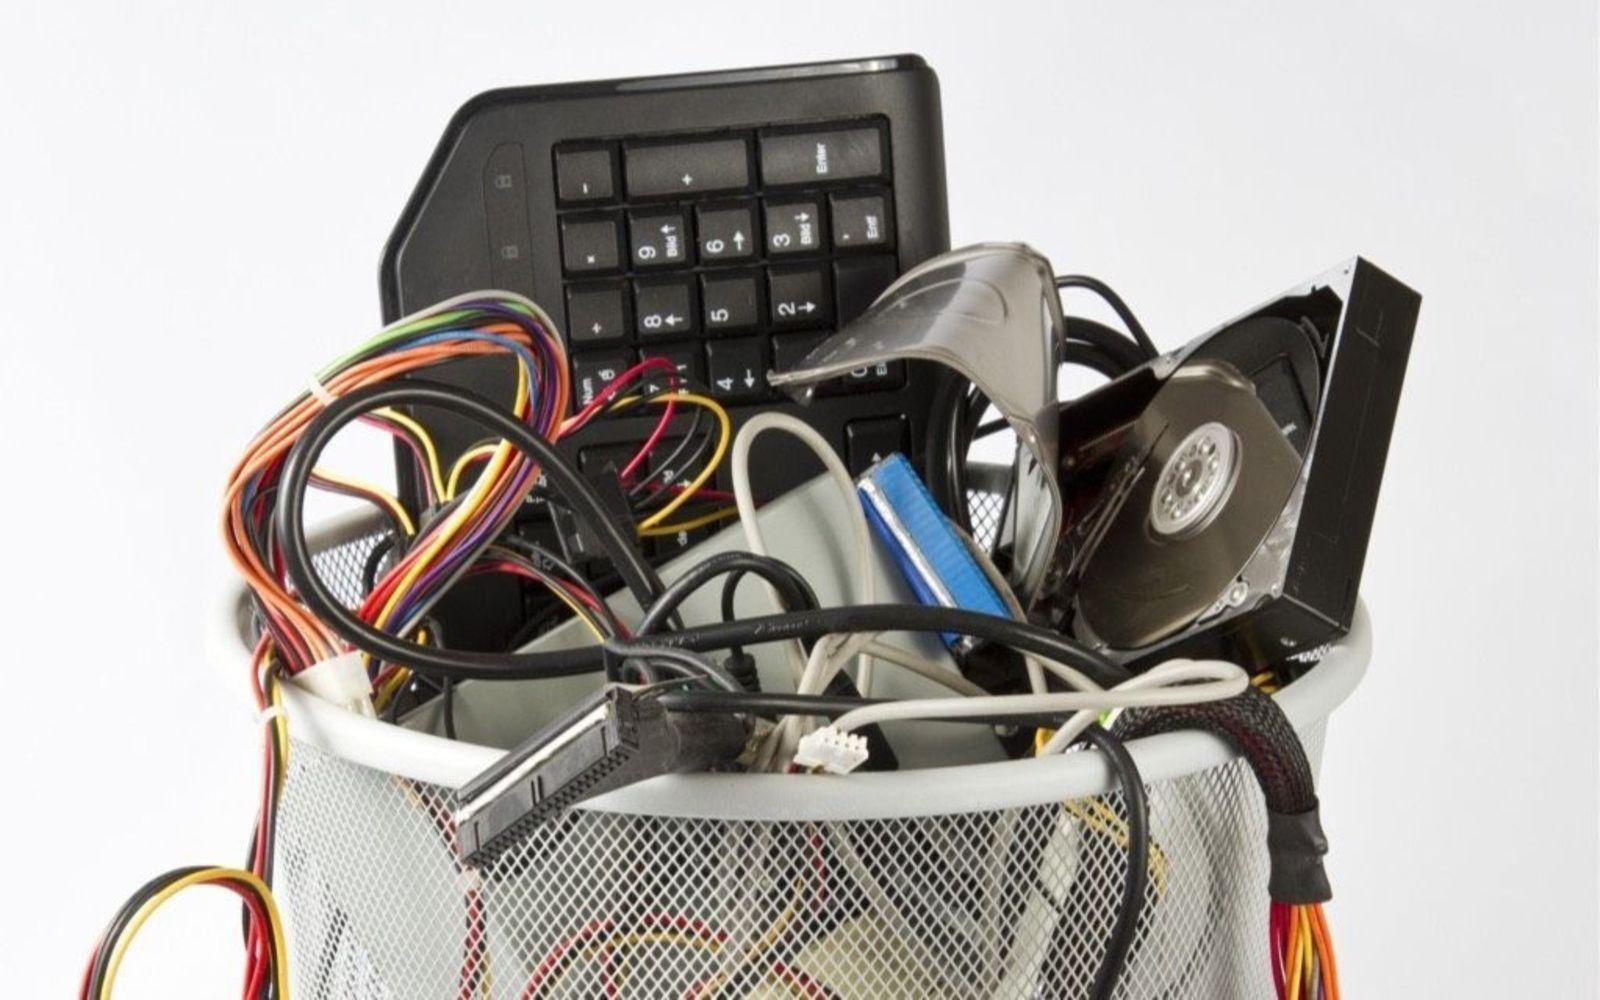 Dm 121 2016 ritiro gratuito di apparecchiature elettriche for Contributo raee